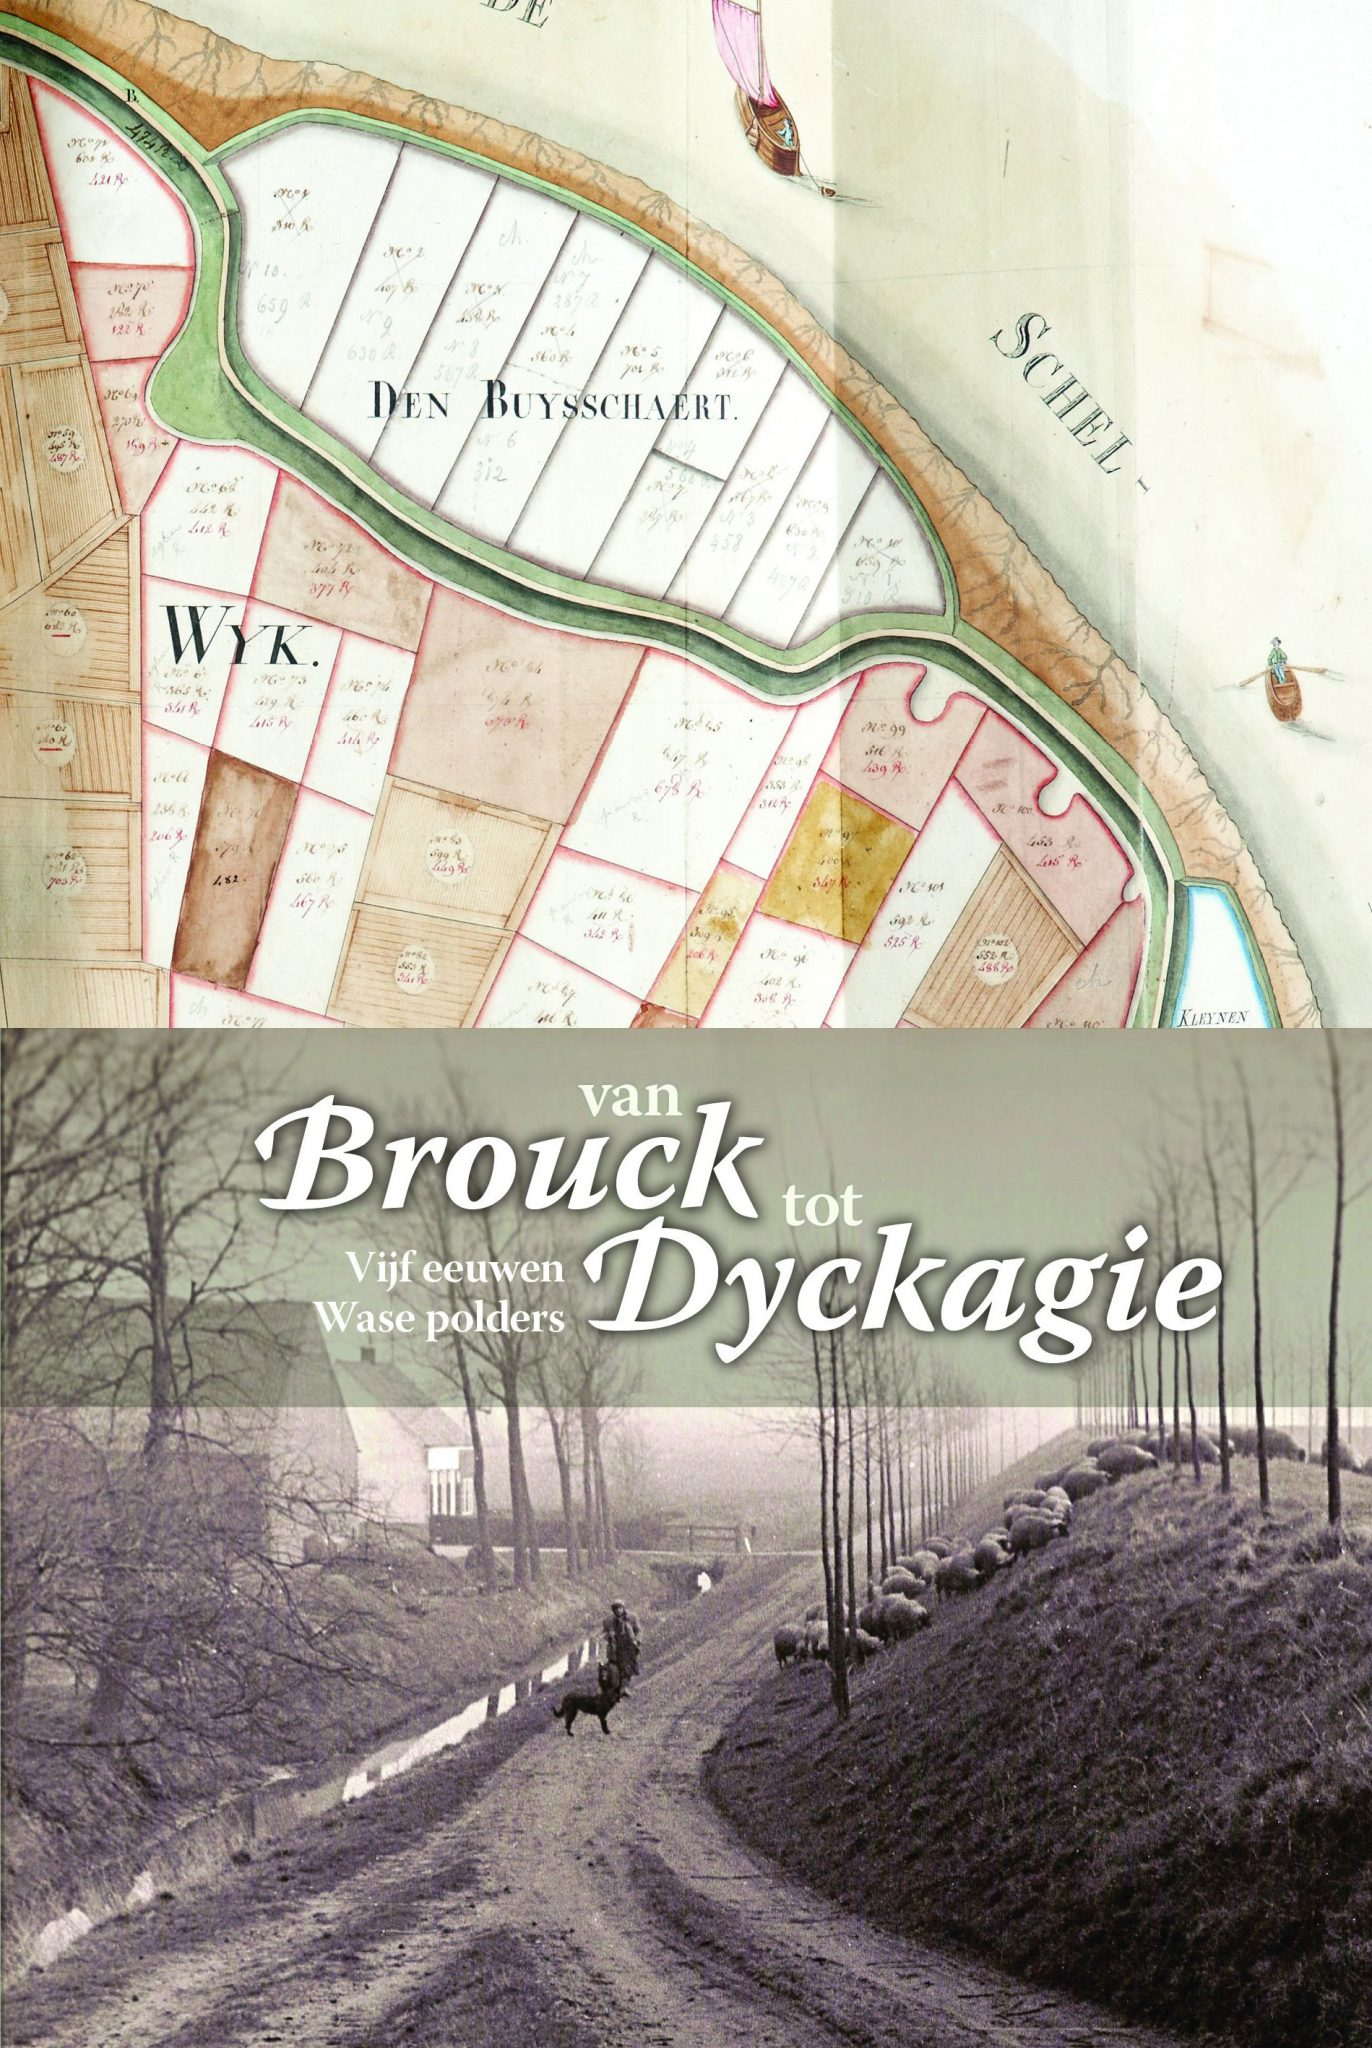 Van Brouck tot Dyckagie. Vijf eeuwen Wase polders